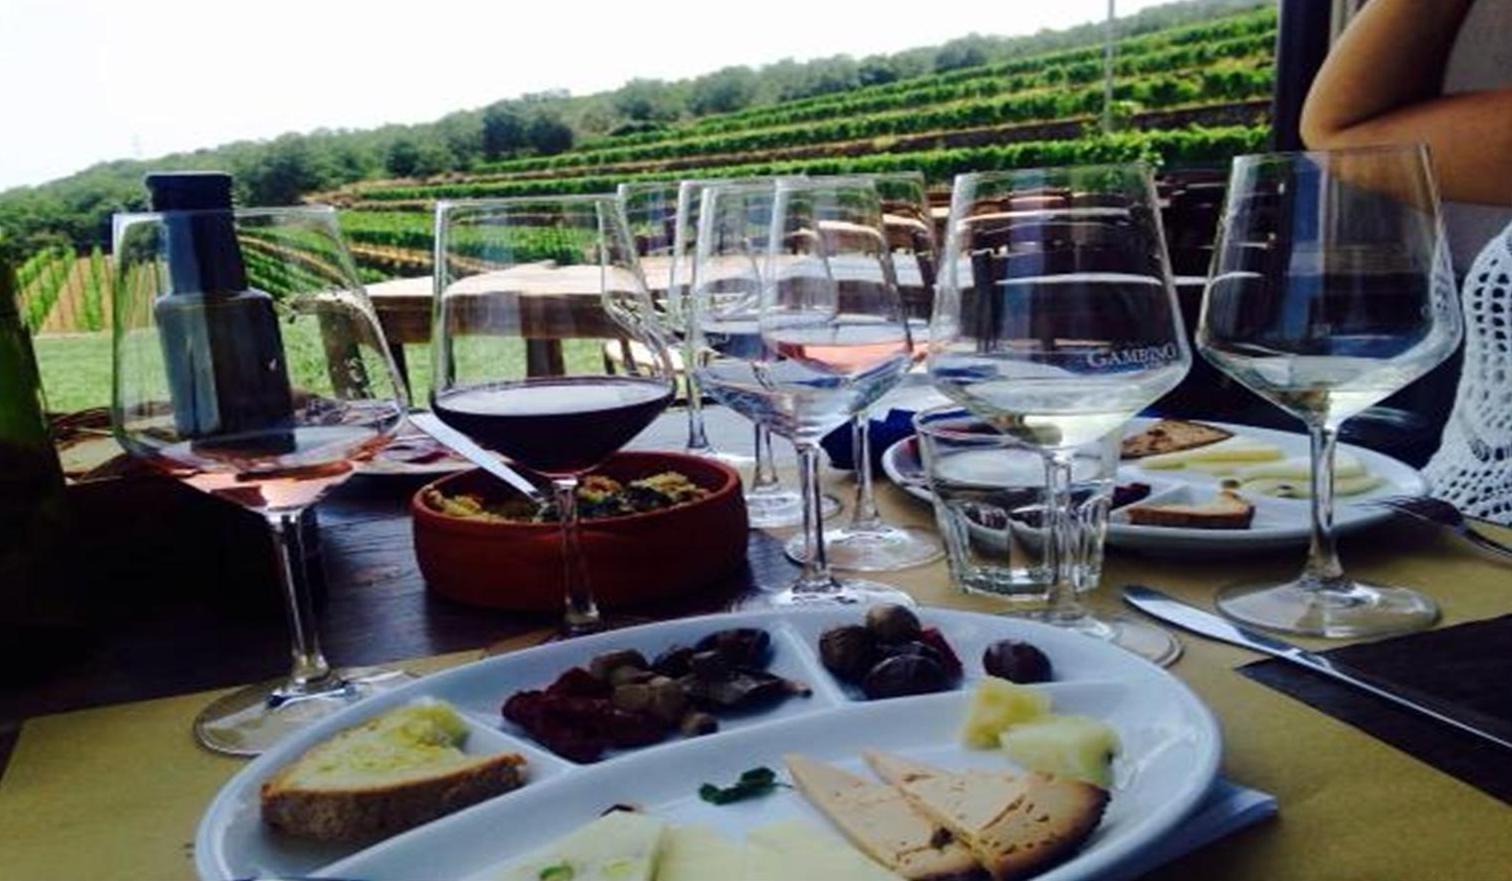 etna-wine-tasting-1584475355.jpg